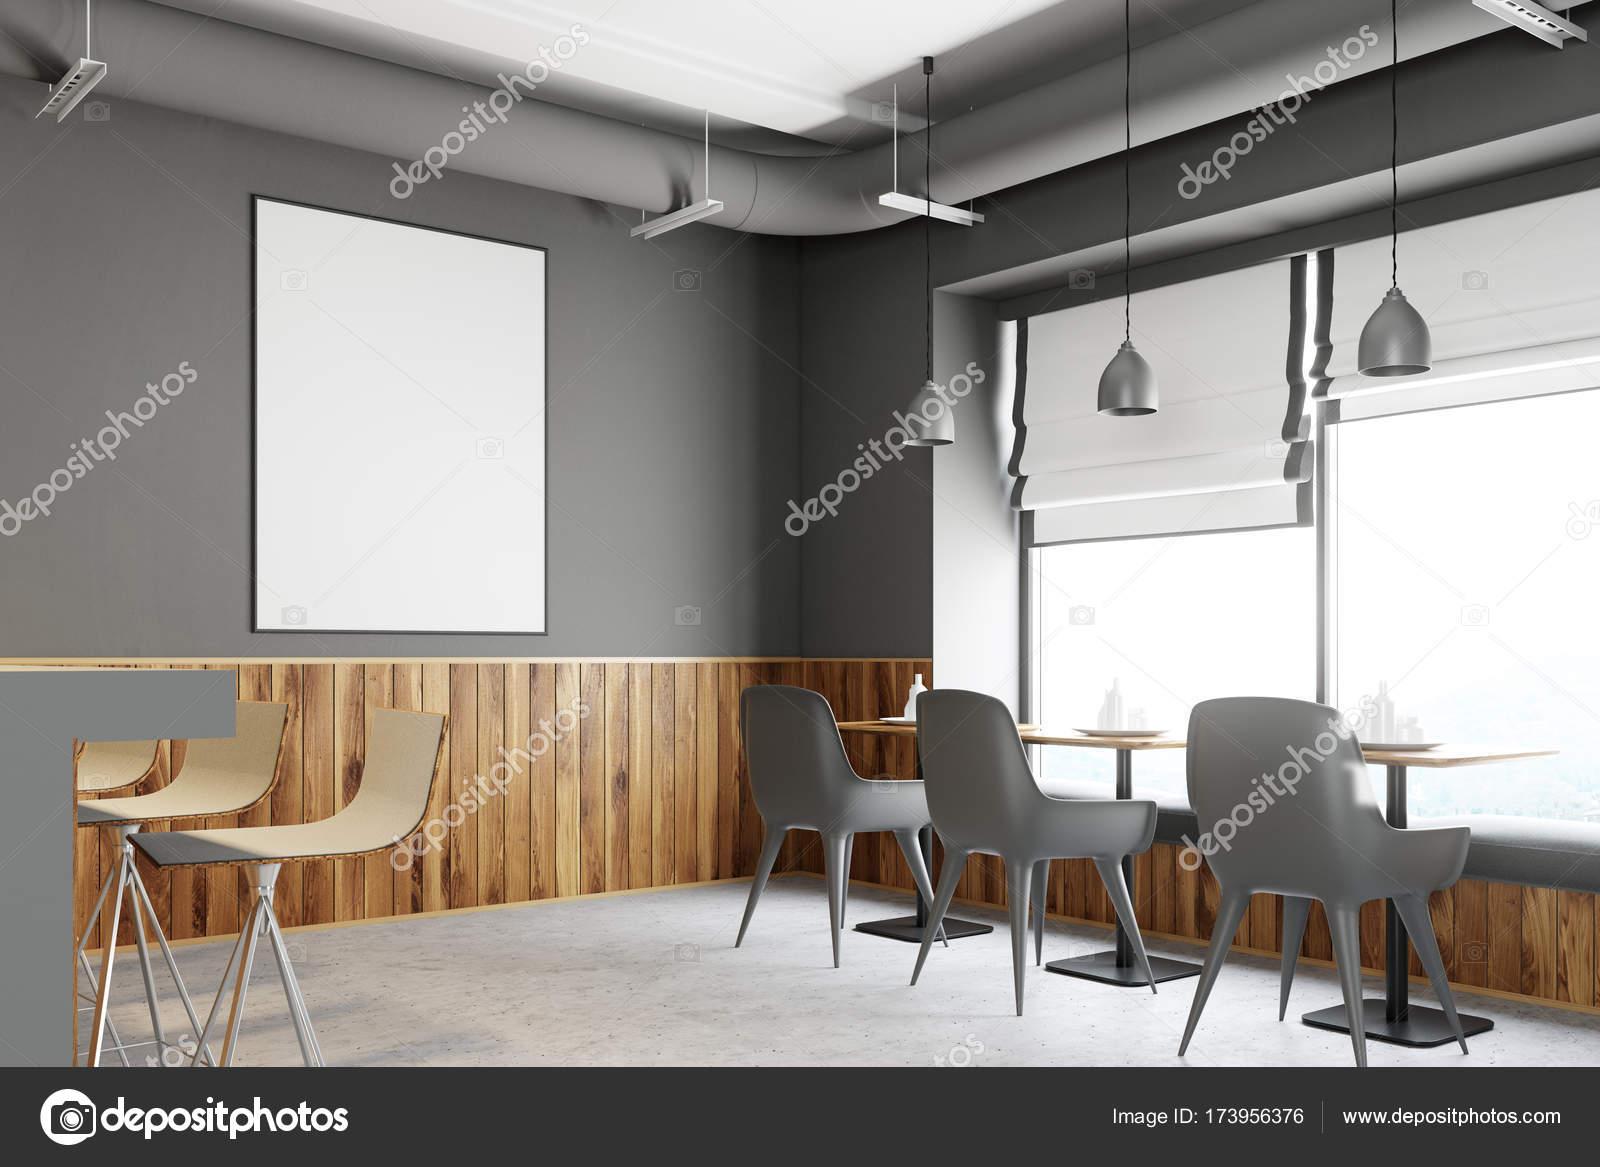 Grauer Balken aus Holz stehen, Plakat-Seite — Stockfoto ...